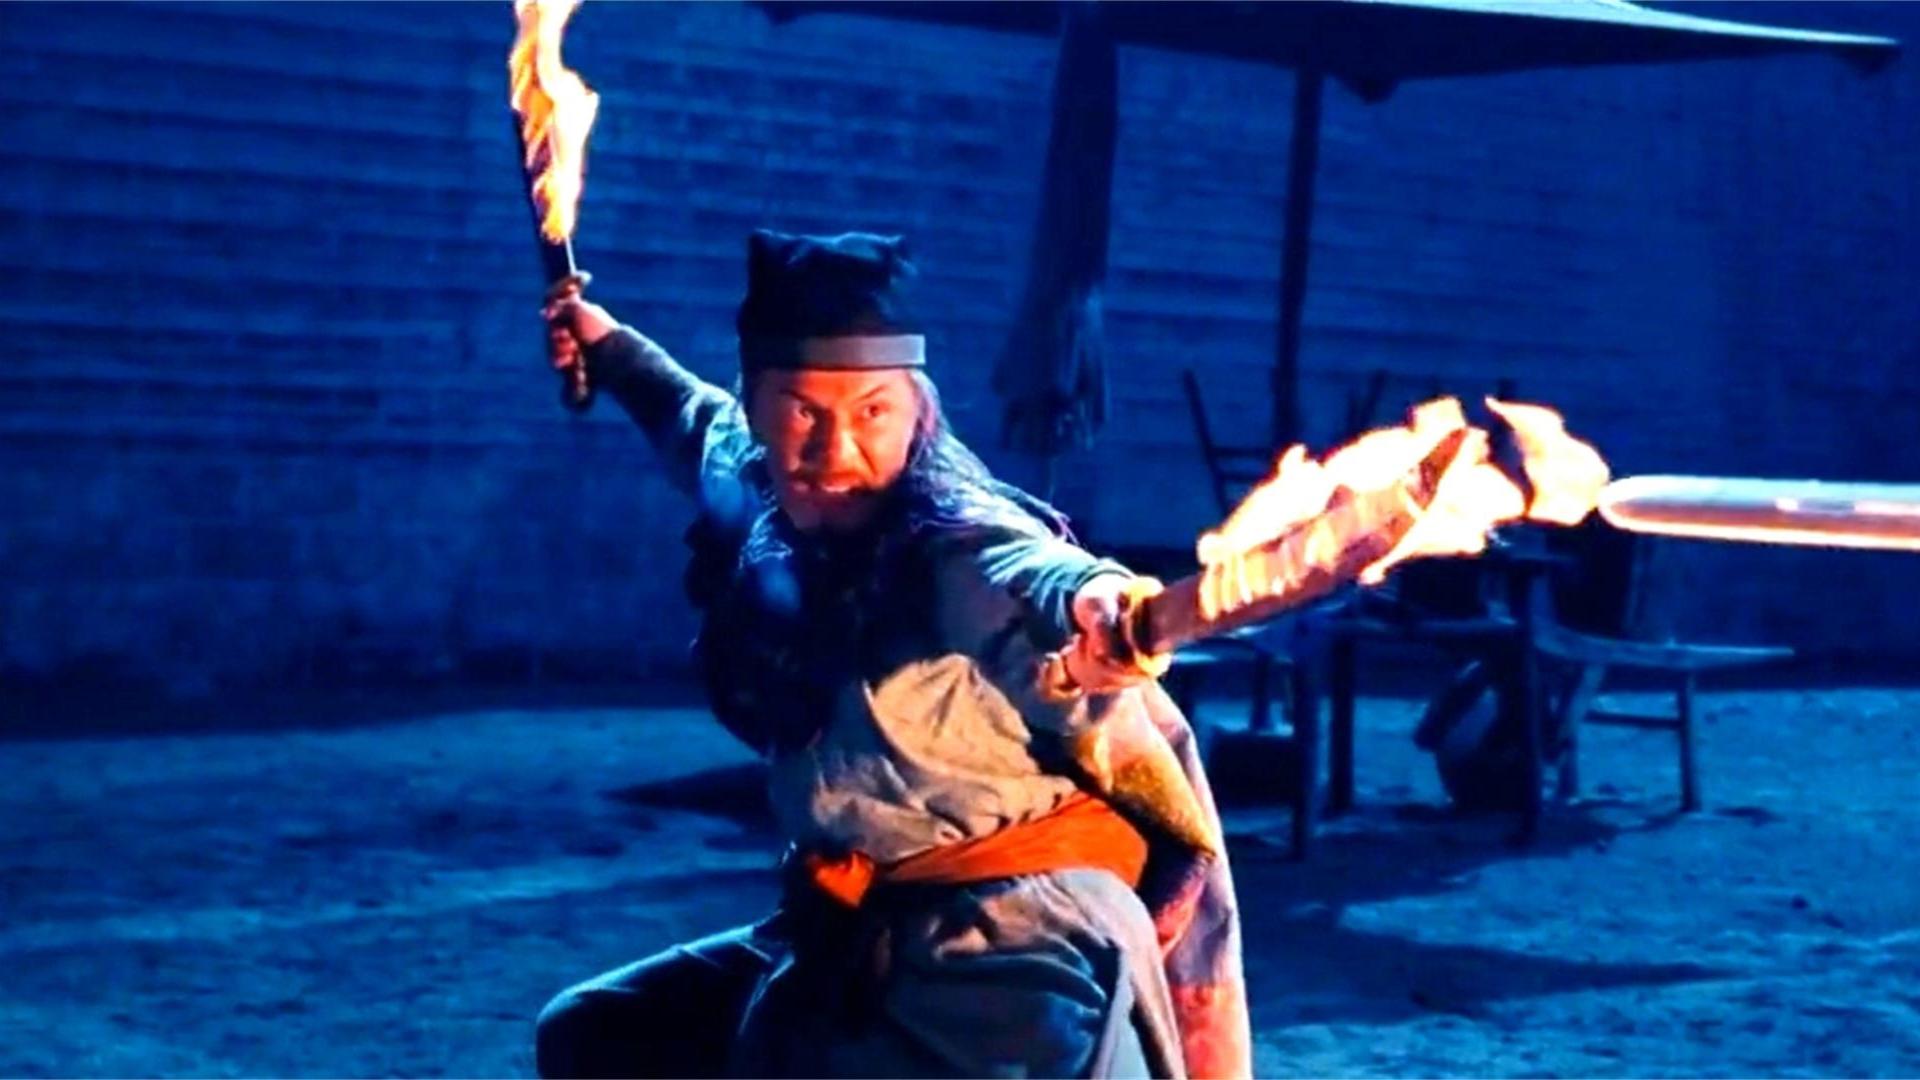 武侠片《剑雨》中,黑石集团内部四大高手大乱斗,到底谁最厉害